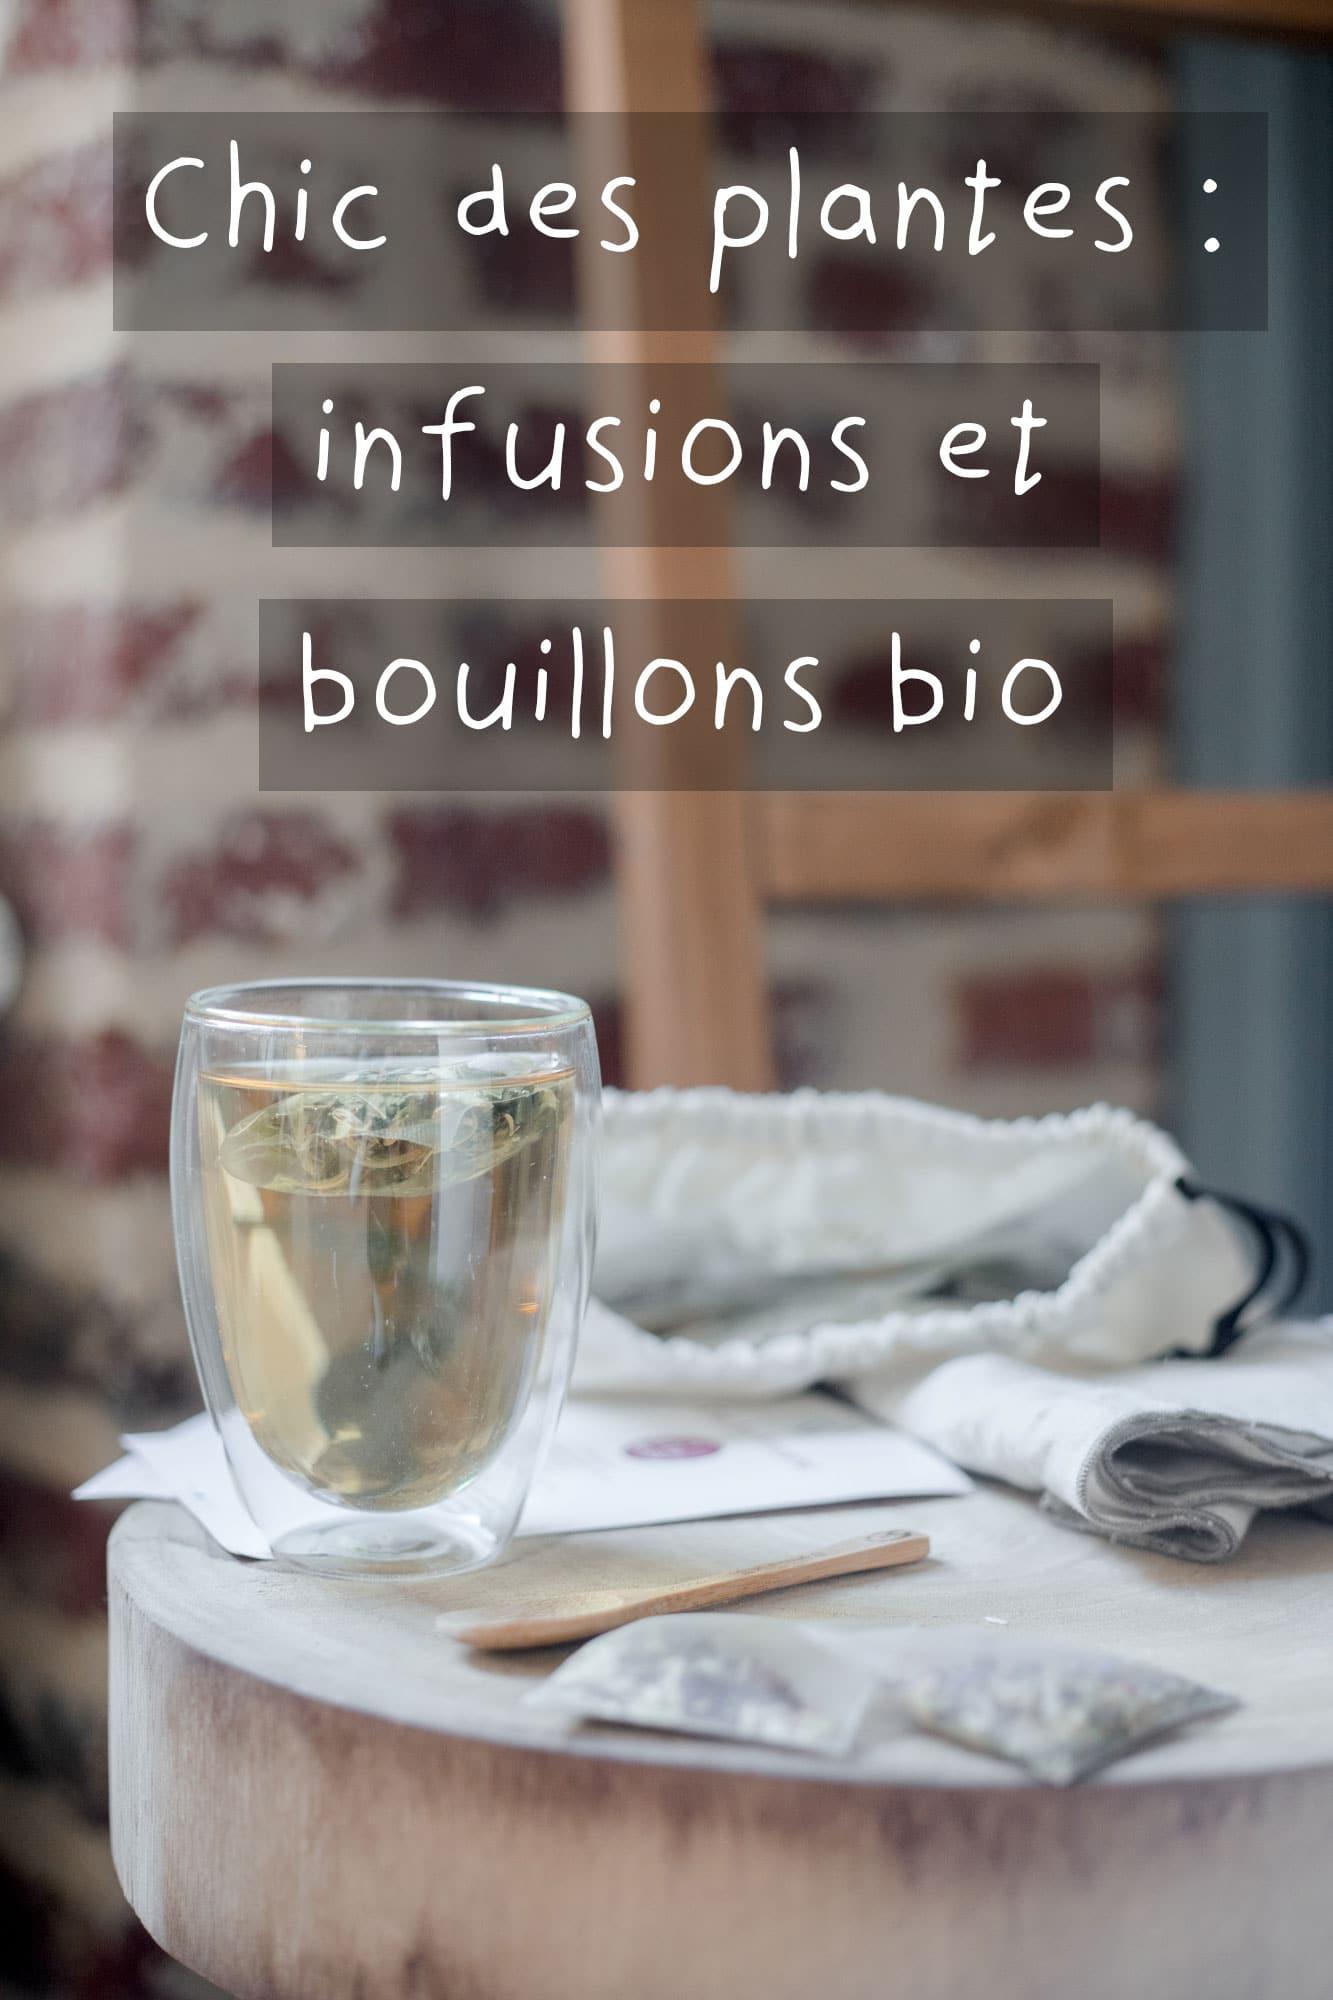 interview chic des plantes bouillons et infusions bio